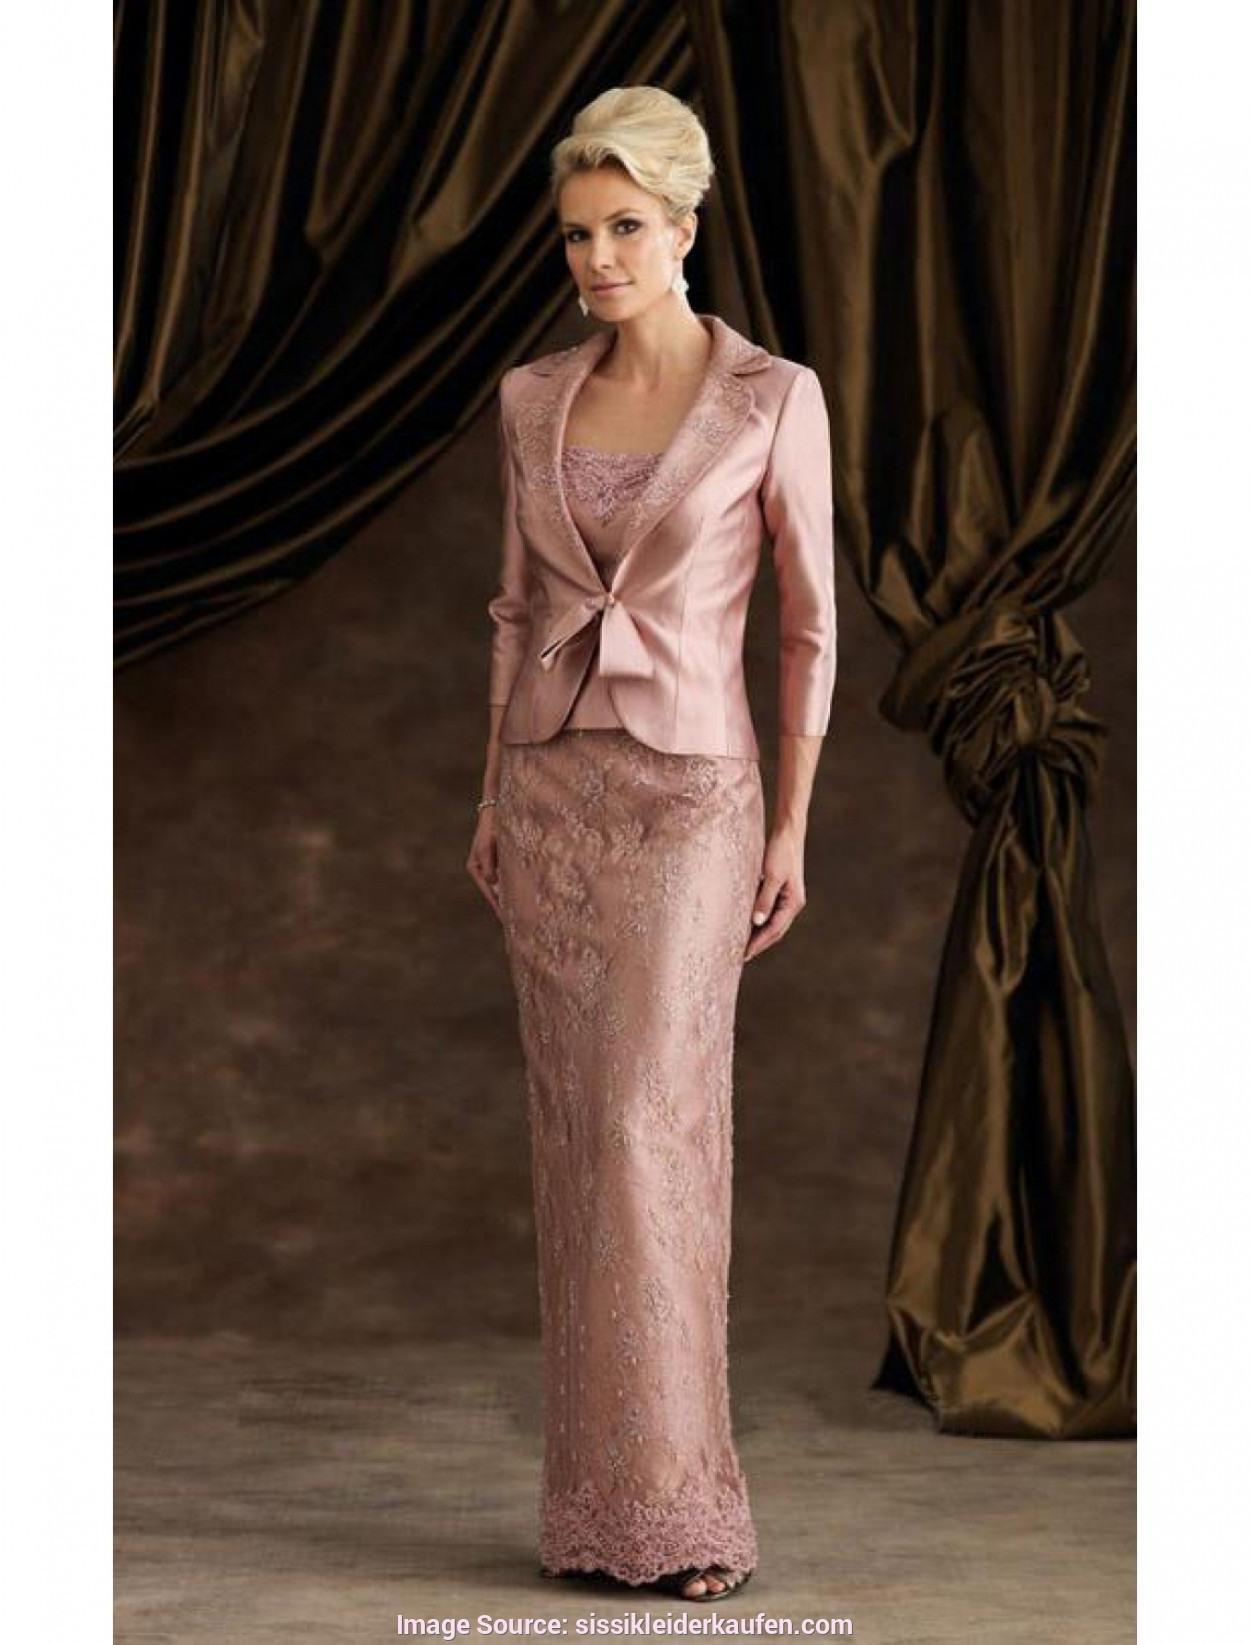 Designer Schön Damen Kleider Für Ältere Damen Design17 Großartig Damen Kleider Für Ältere Damen Ärmel